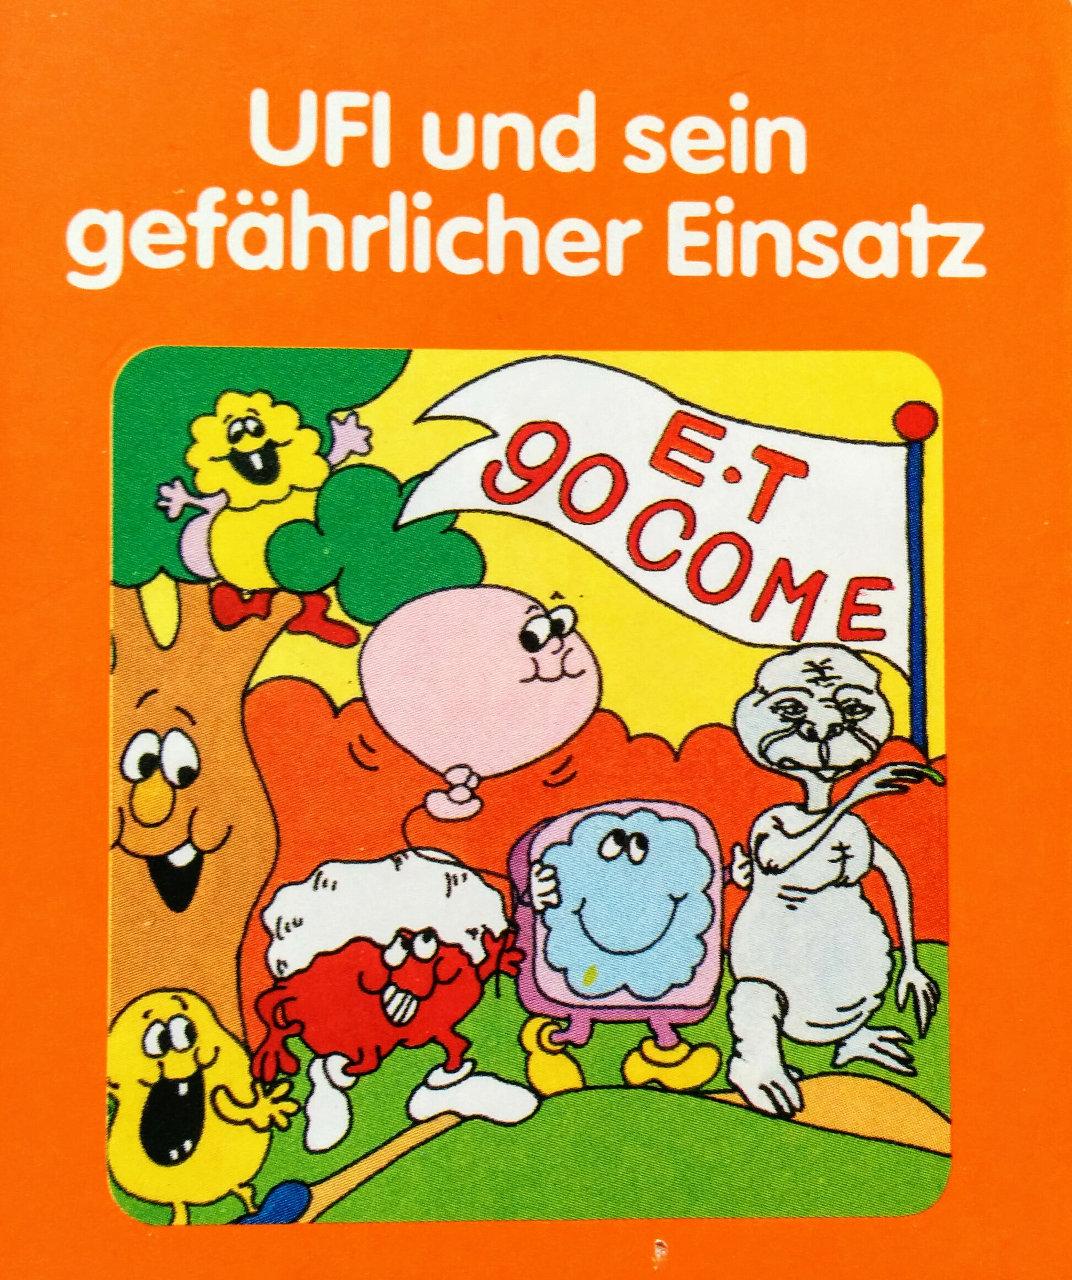 Cover des Spielmoduls, UFI und sein gefährlicher Einsatz, Quelle, 1983. (Bild: Florian Weber)